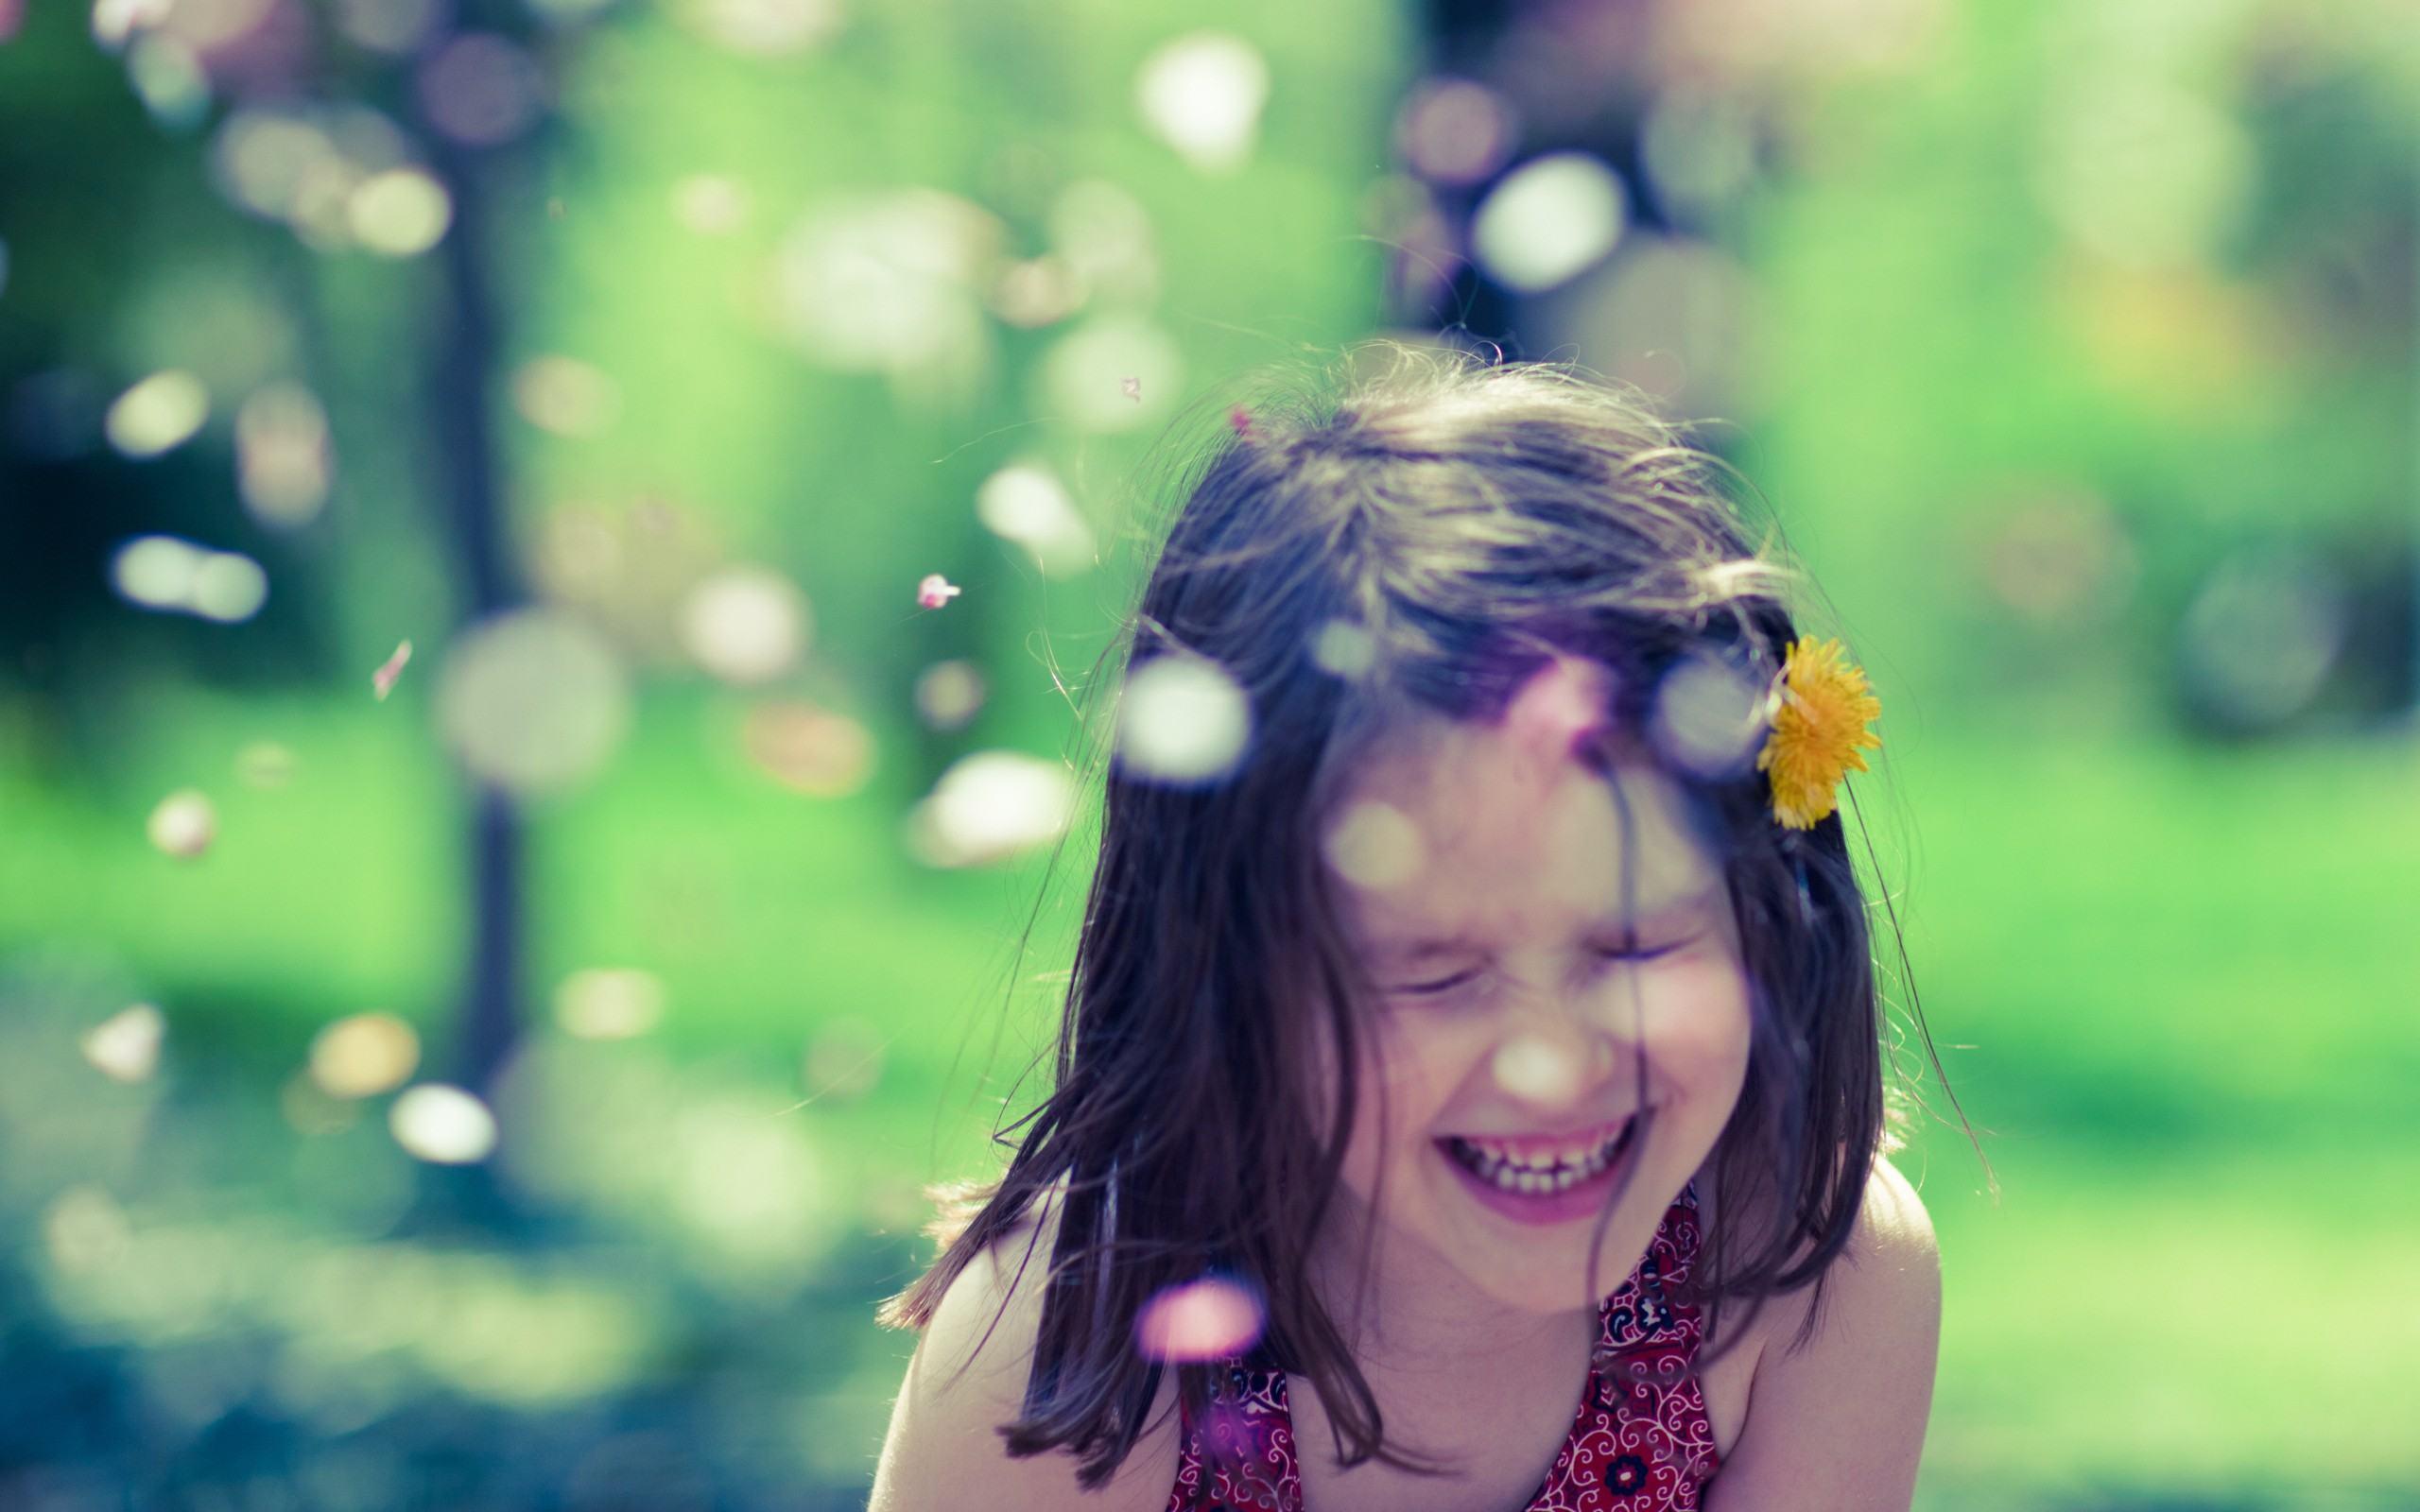 180749_Women-Kids-People-Smiling_2560x1600